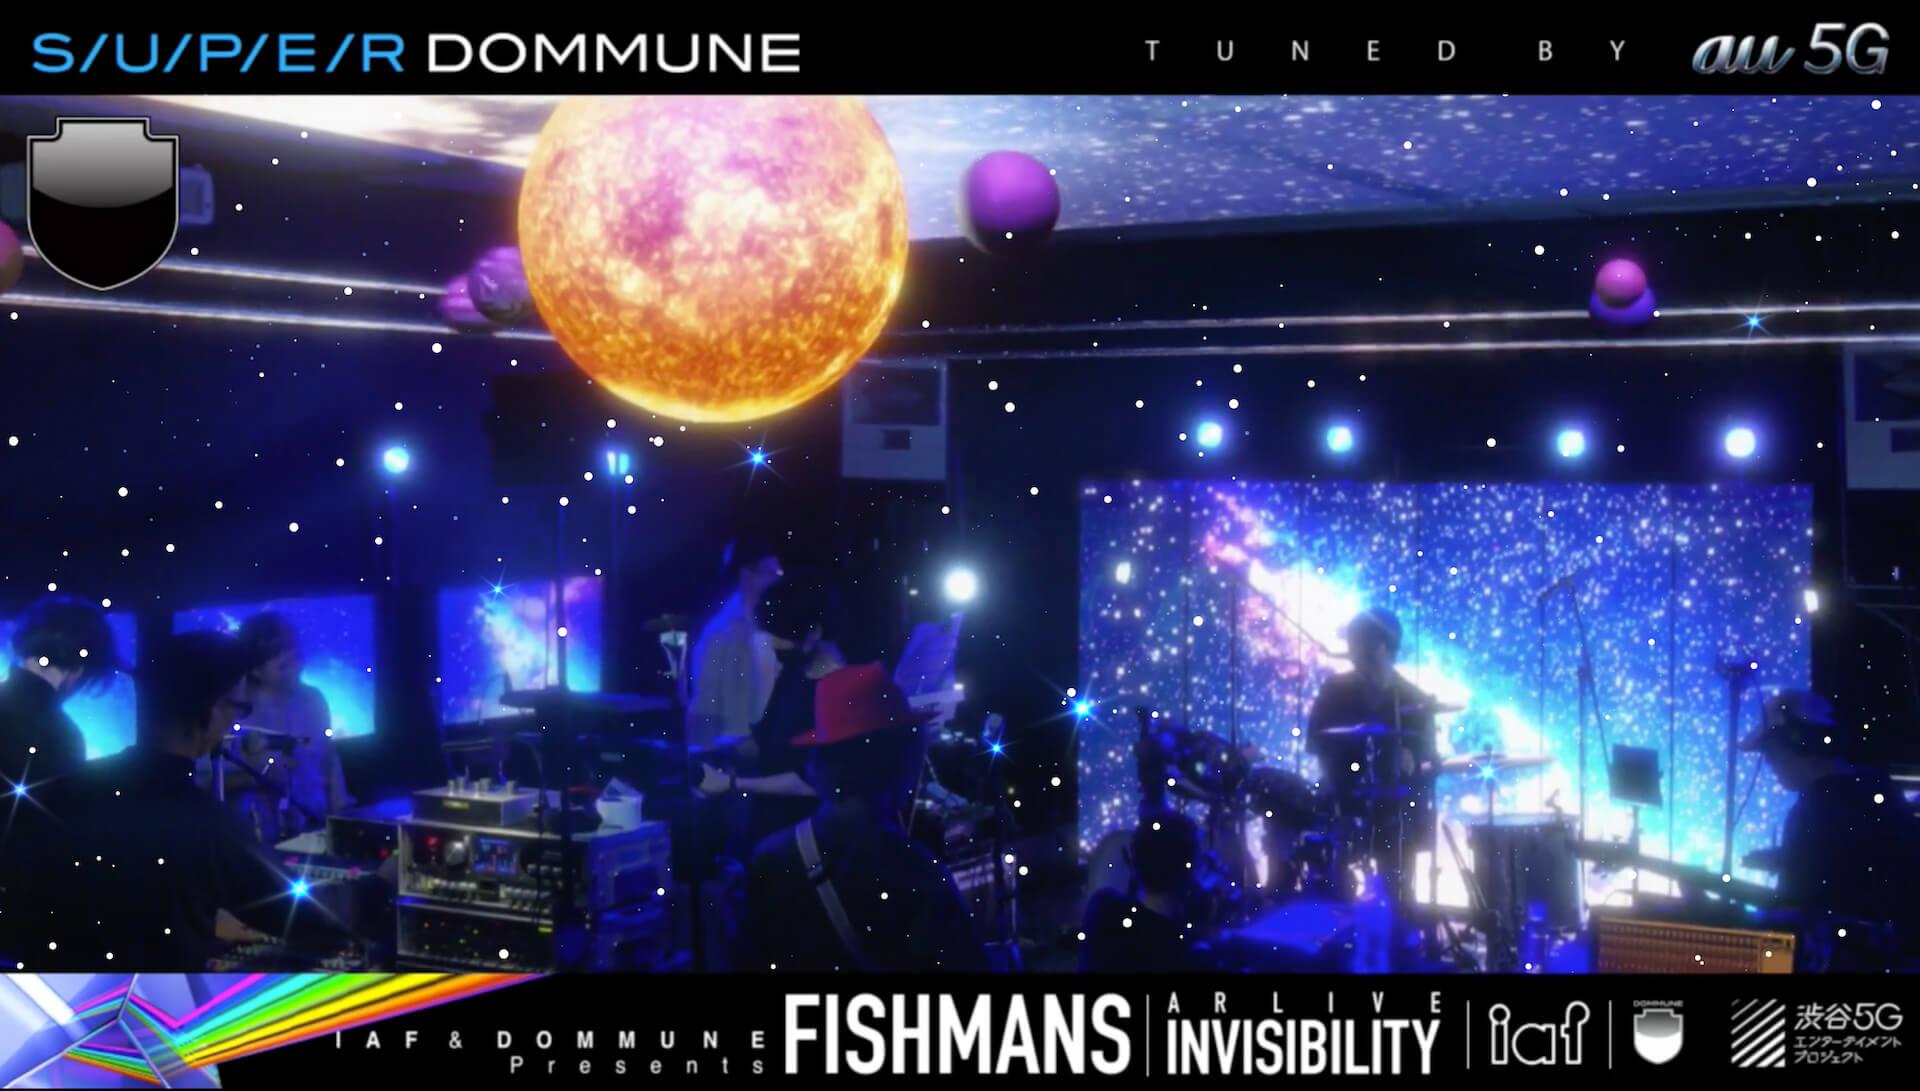 リアルとバーチャルのシナジーが生まれたFISHMANS AR LIVE<INVISIBILITY> music200622_fishmans_superdommune_23